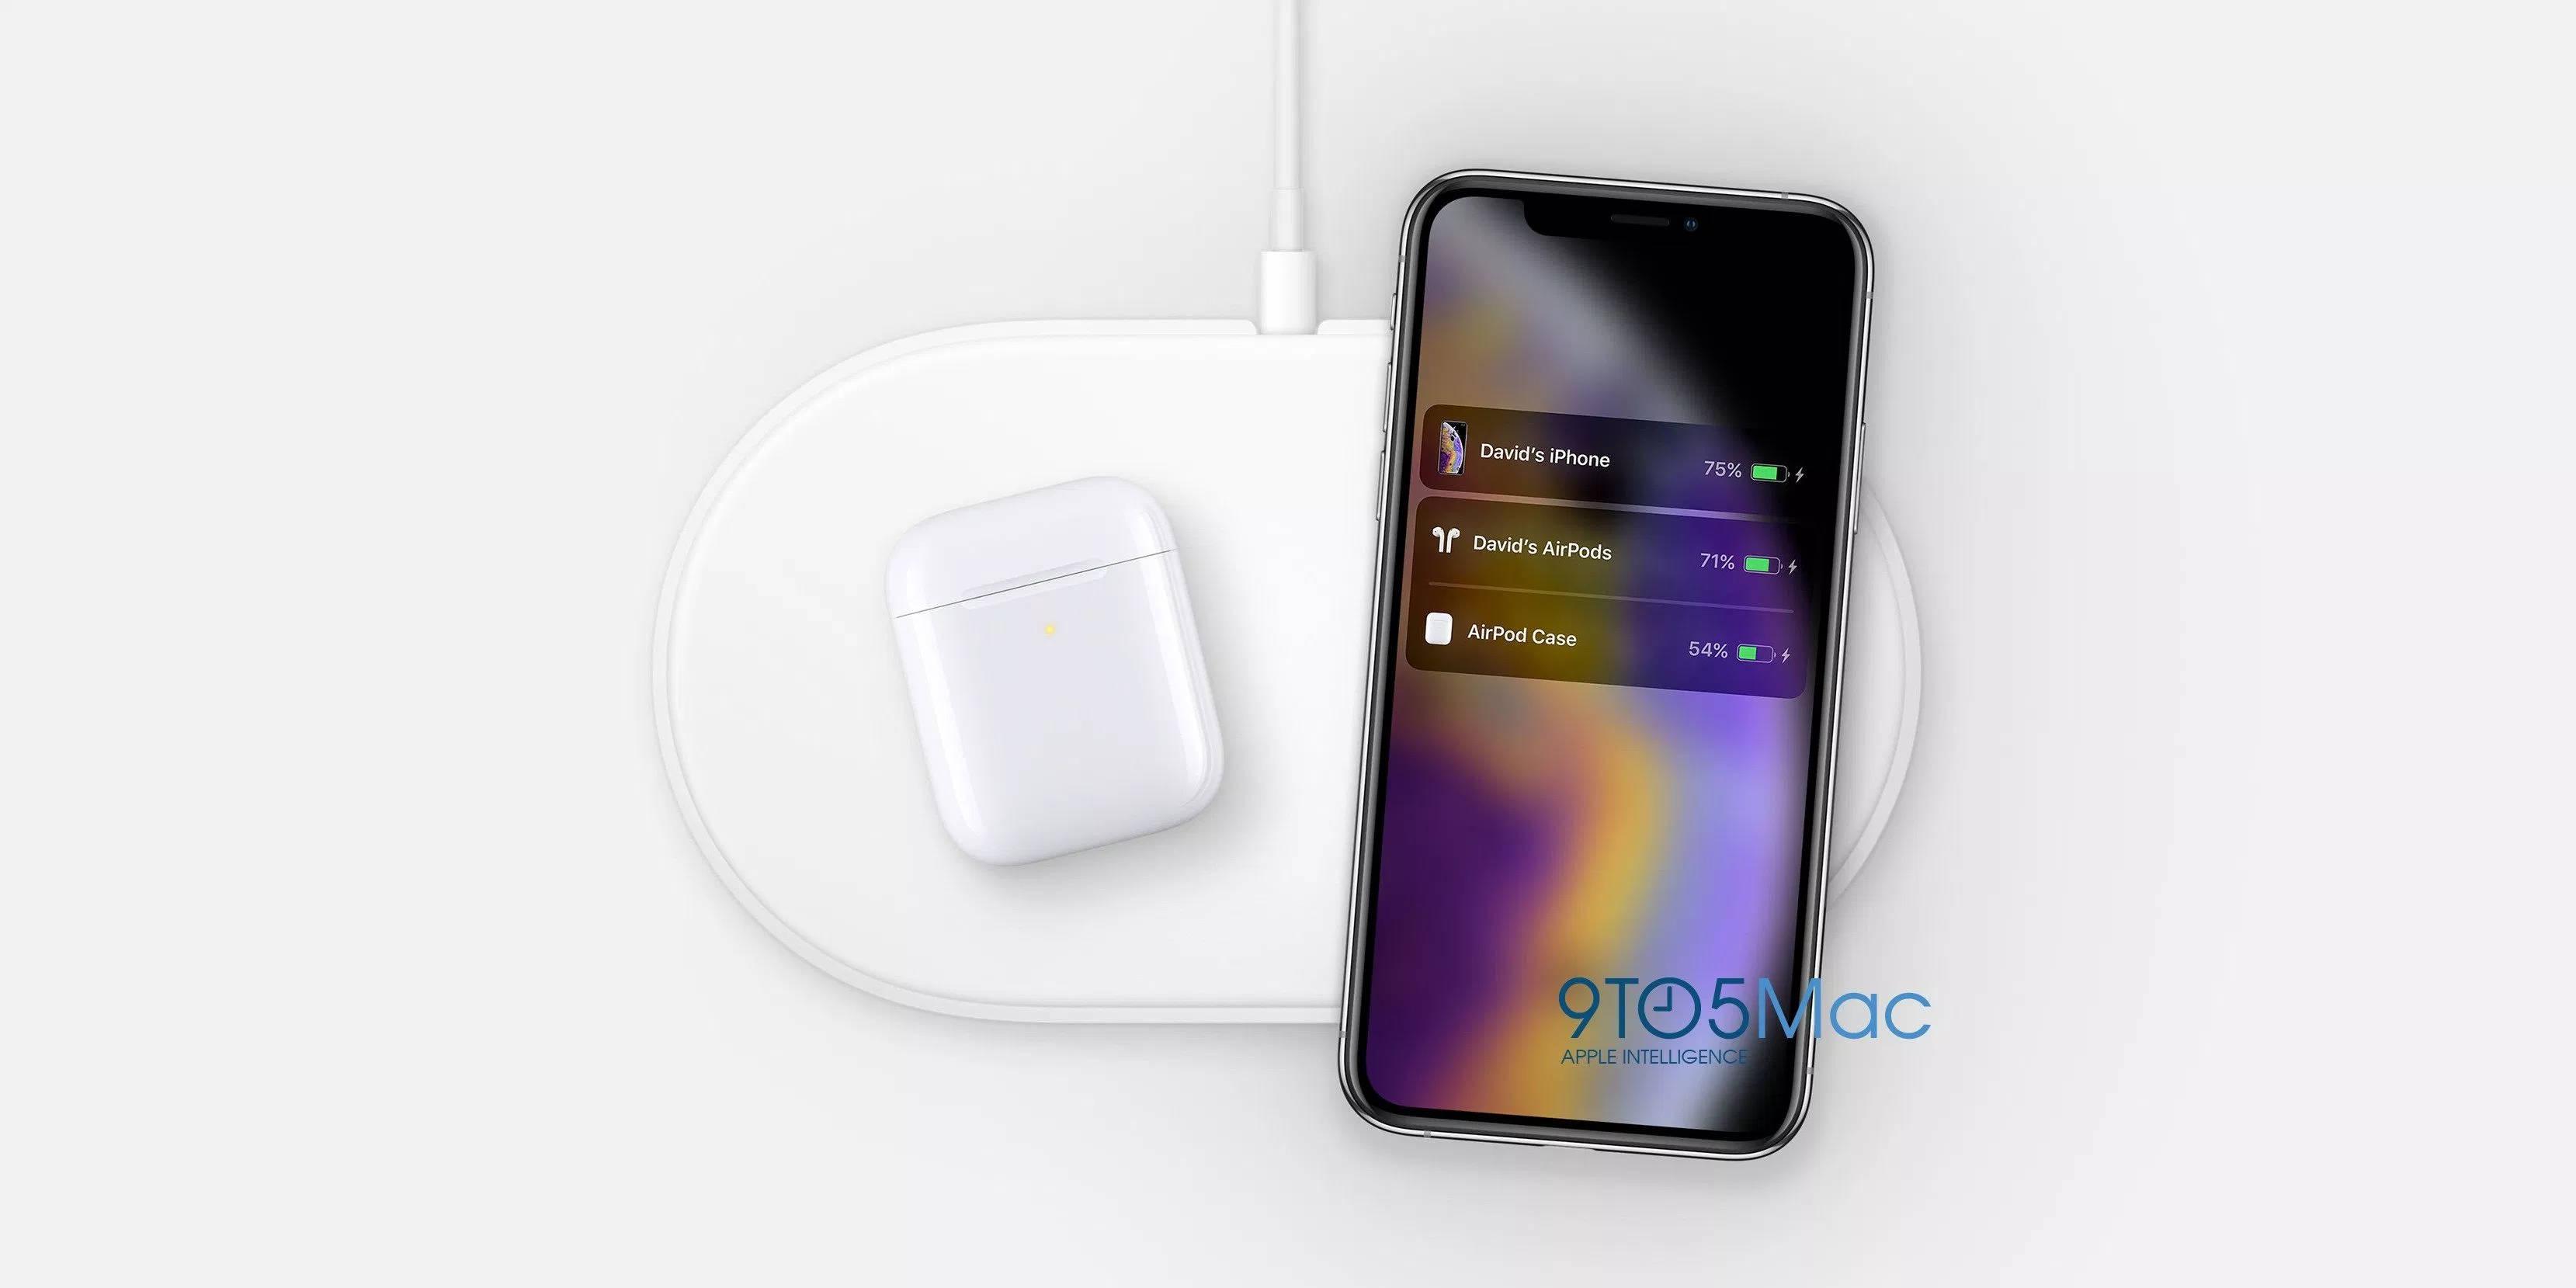 Apple AirPower nowe AirPods 2 iPhone XS cena kiedy premiera opinie gdzie kupić najtaniej w Polsce specyfikacja funkcje plotki przecieki